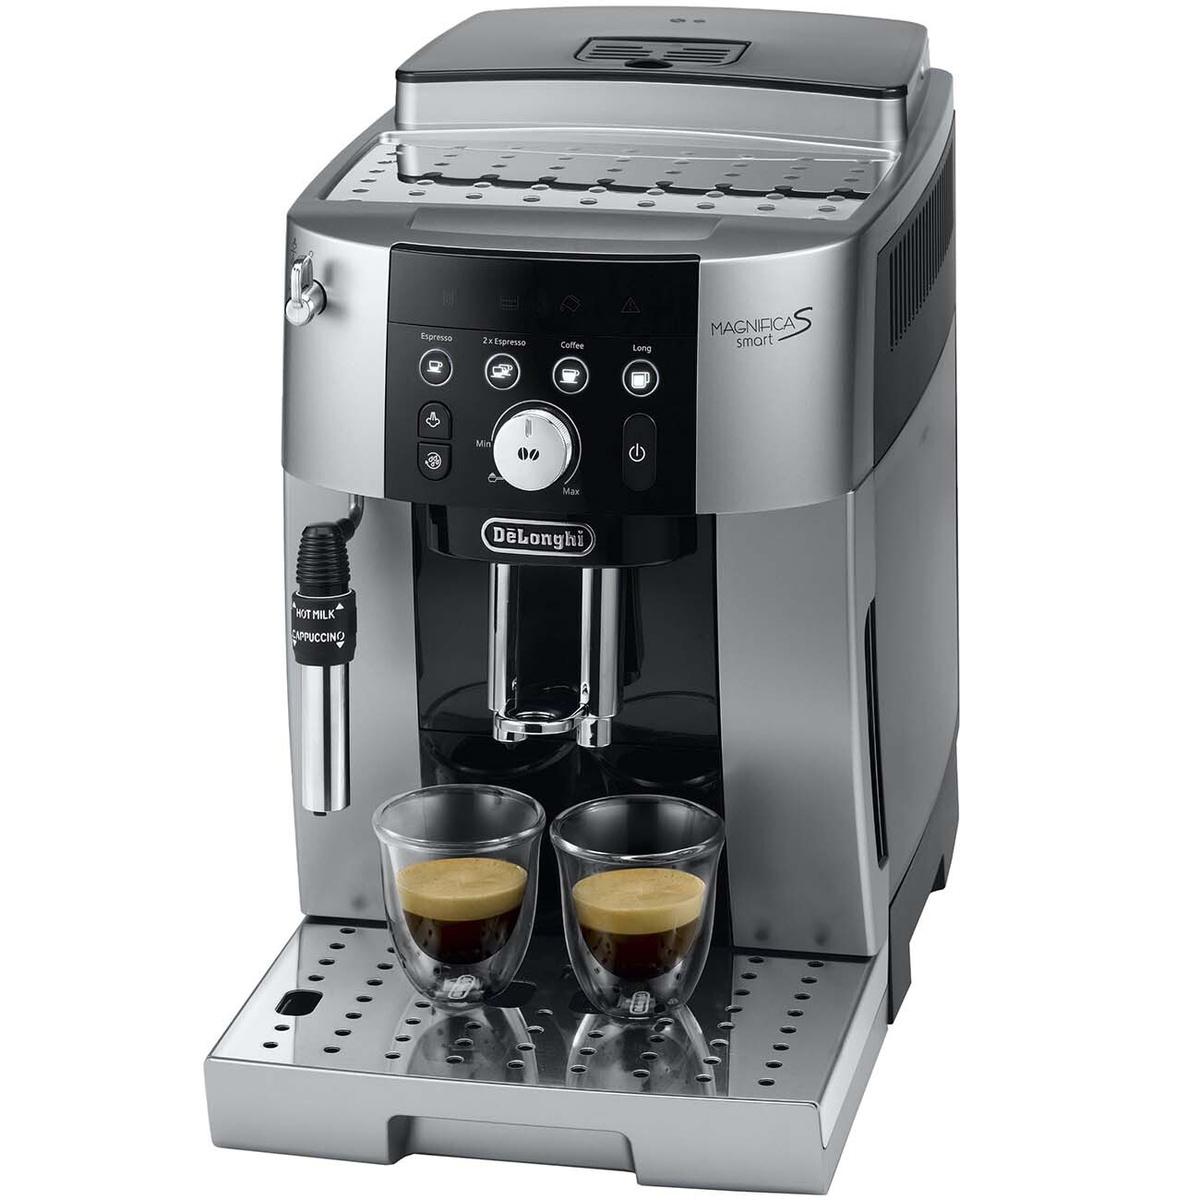 Кофеварка / кофемашина DeLonghi Magnifica S Smart ECAM 250.23 SB